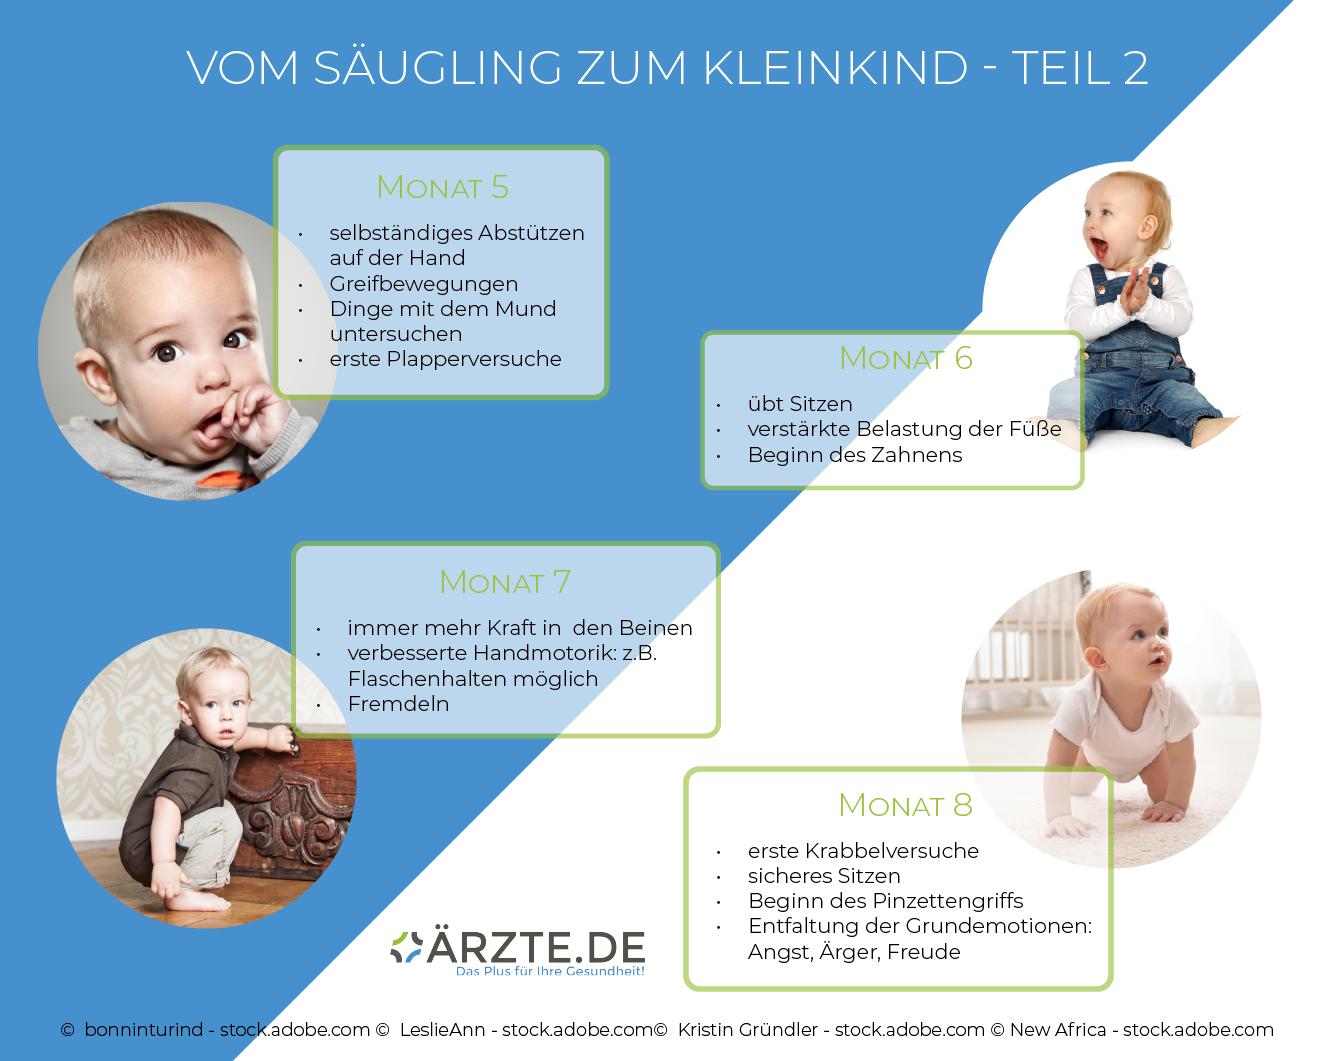 Entwicklung von Säuglingen in den Monaten fünf bis acht